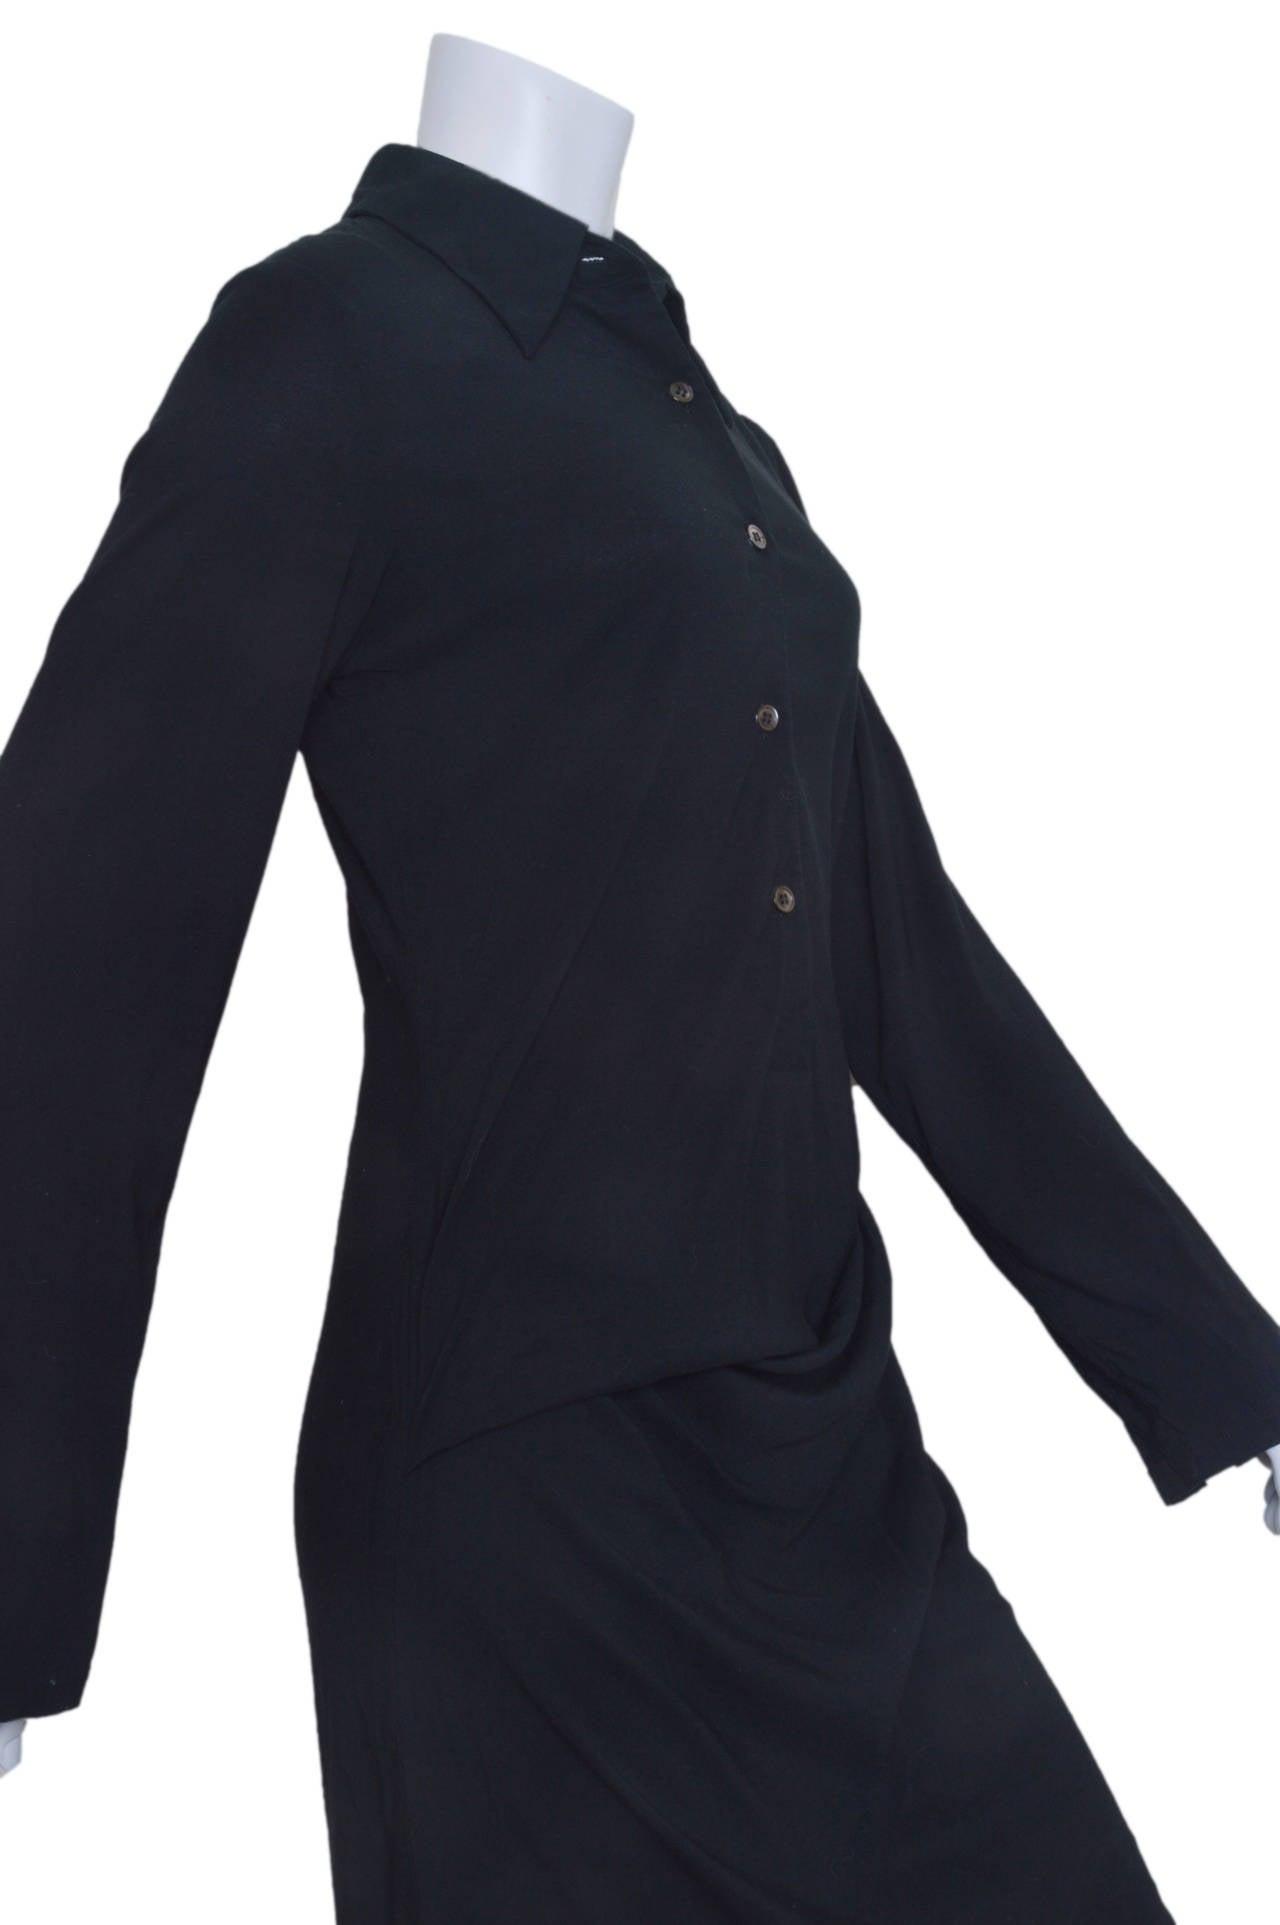 Ann Demeulemeester Asymmetrical Black Shirt Dress 5